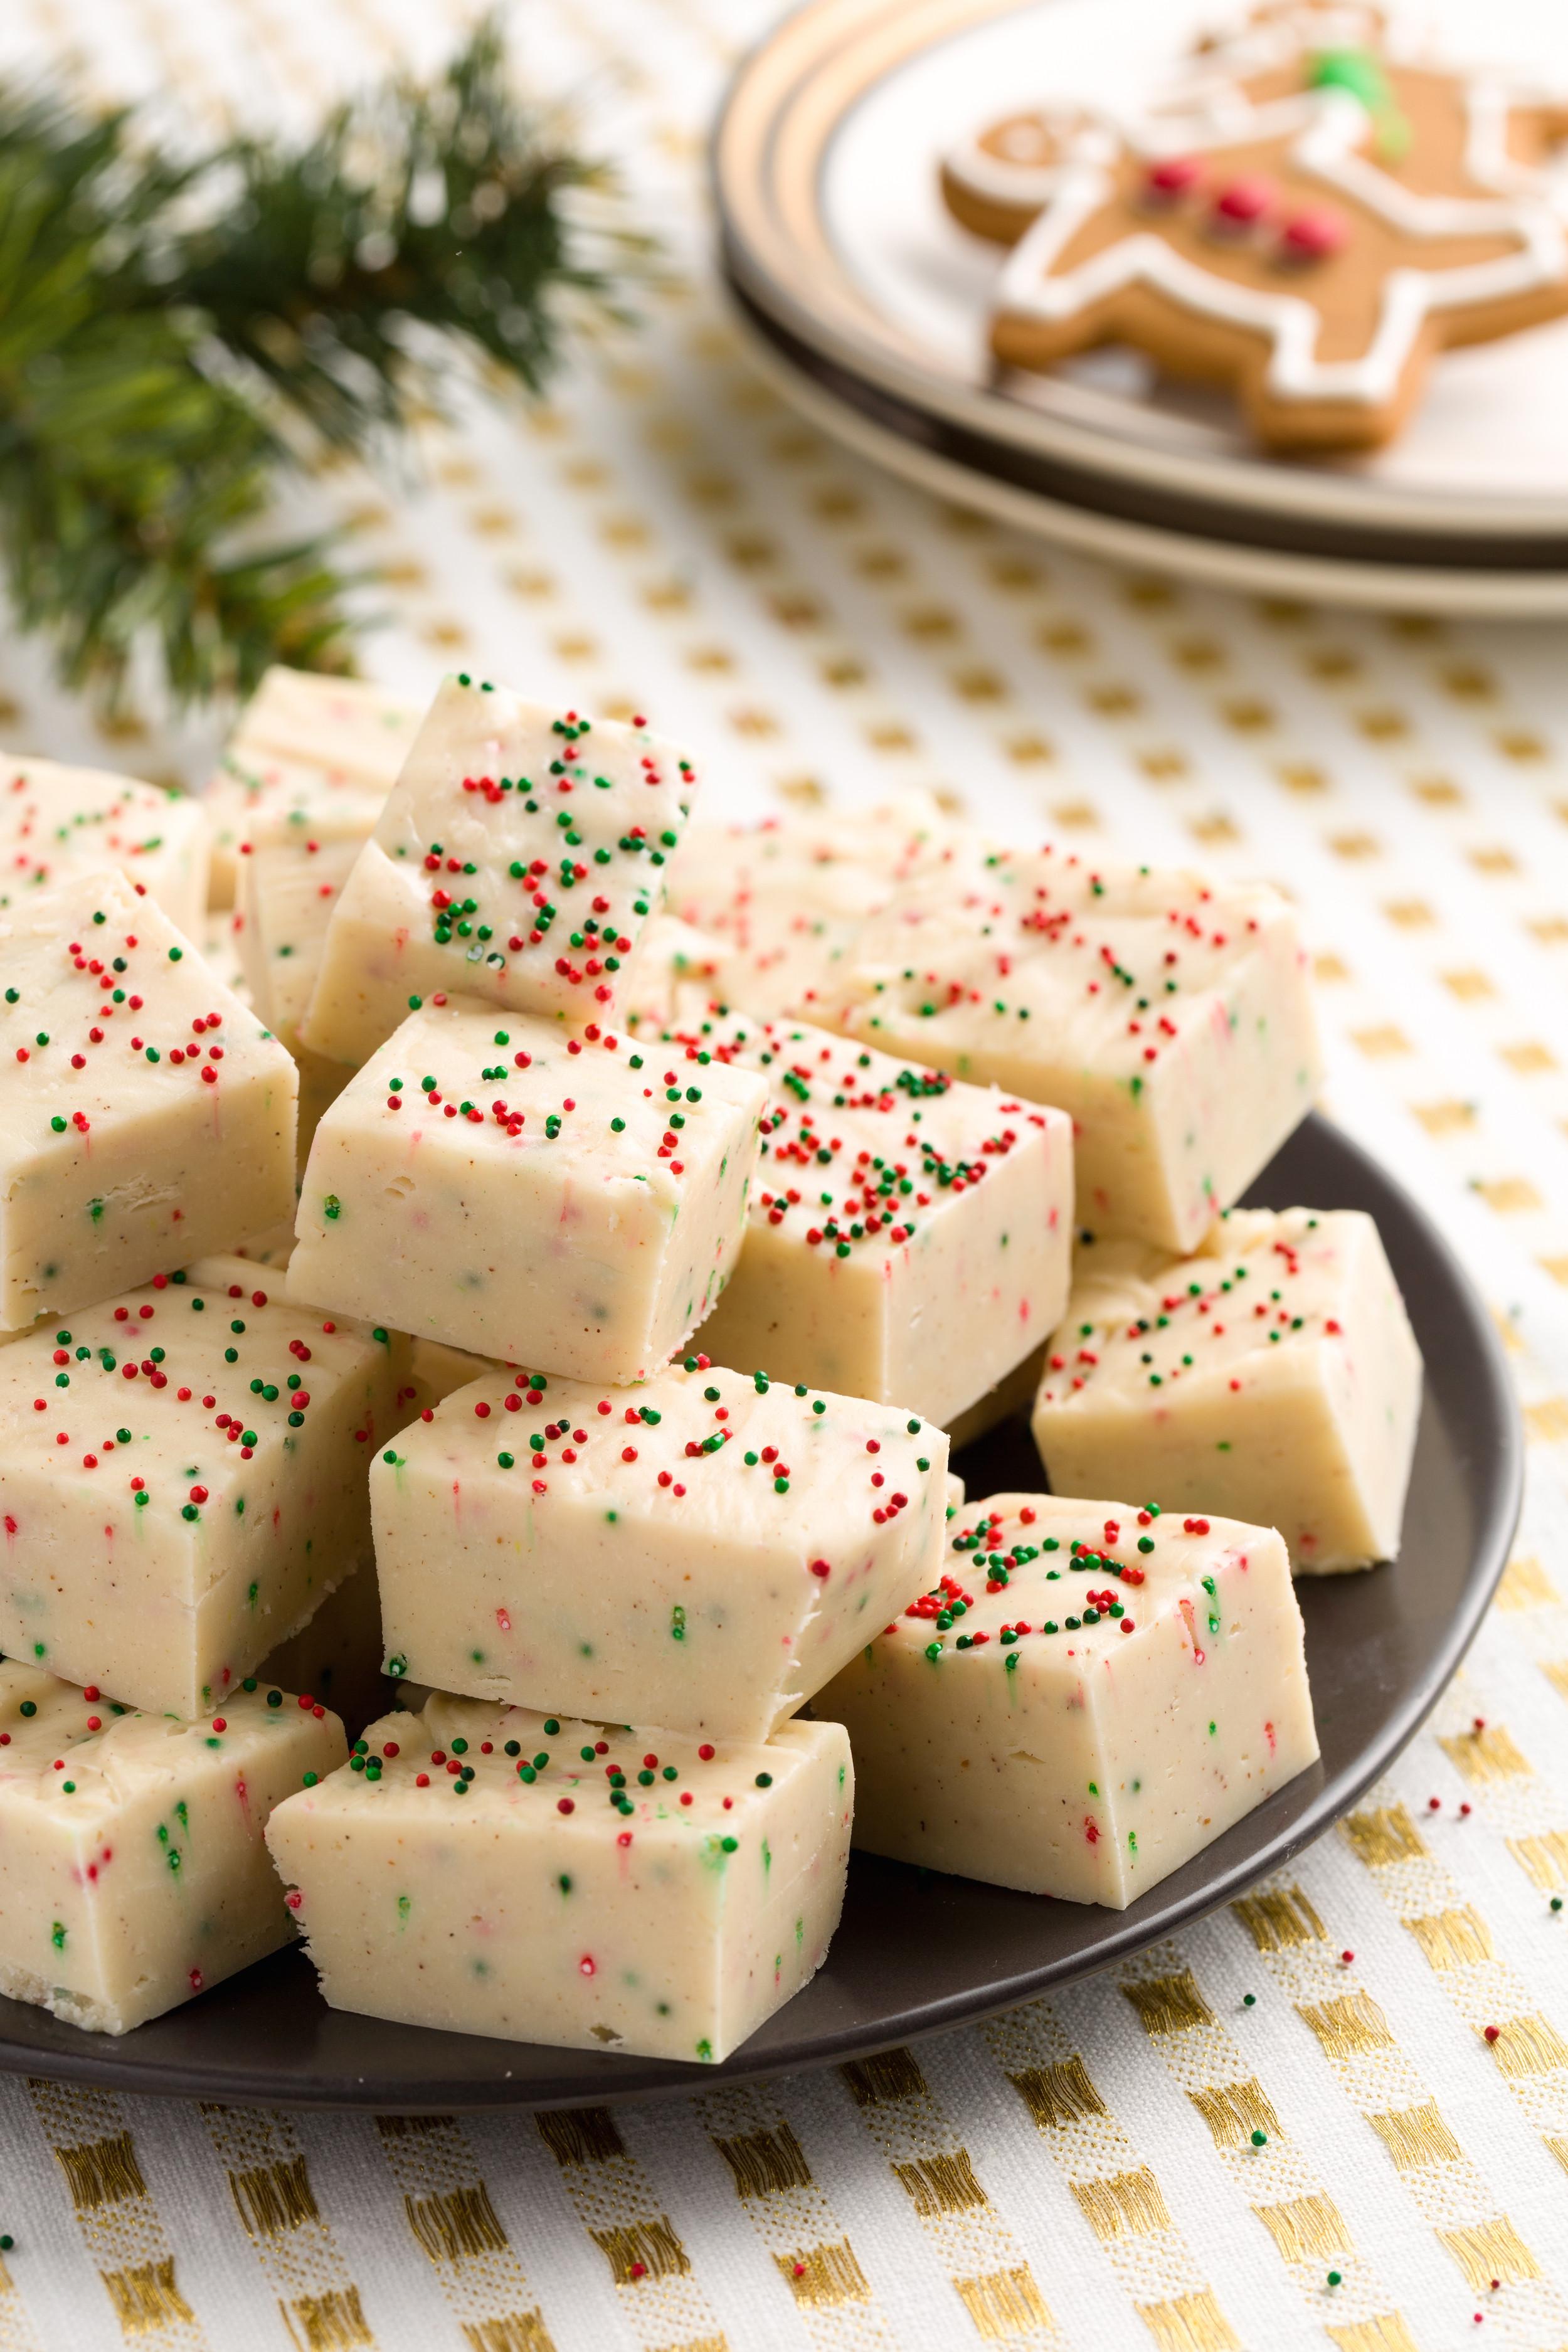 Easy Christmas Candy Recipes  18 Easy Homemade Christmas Candy Recipes How To Make